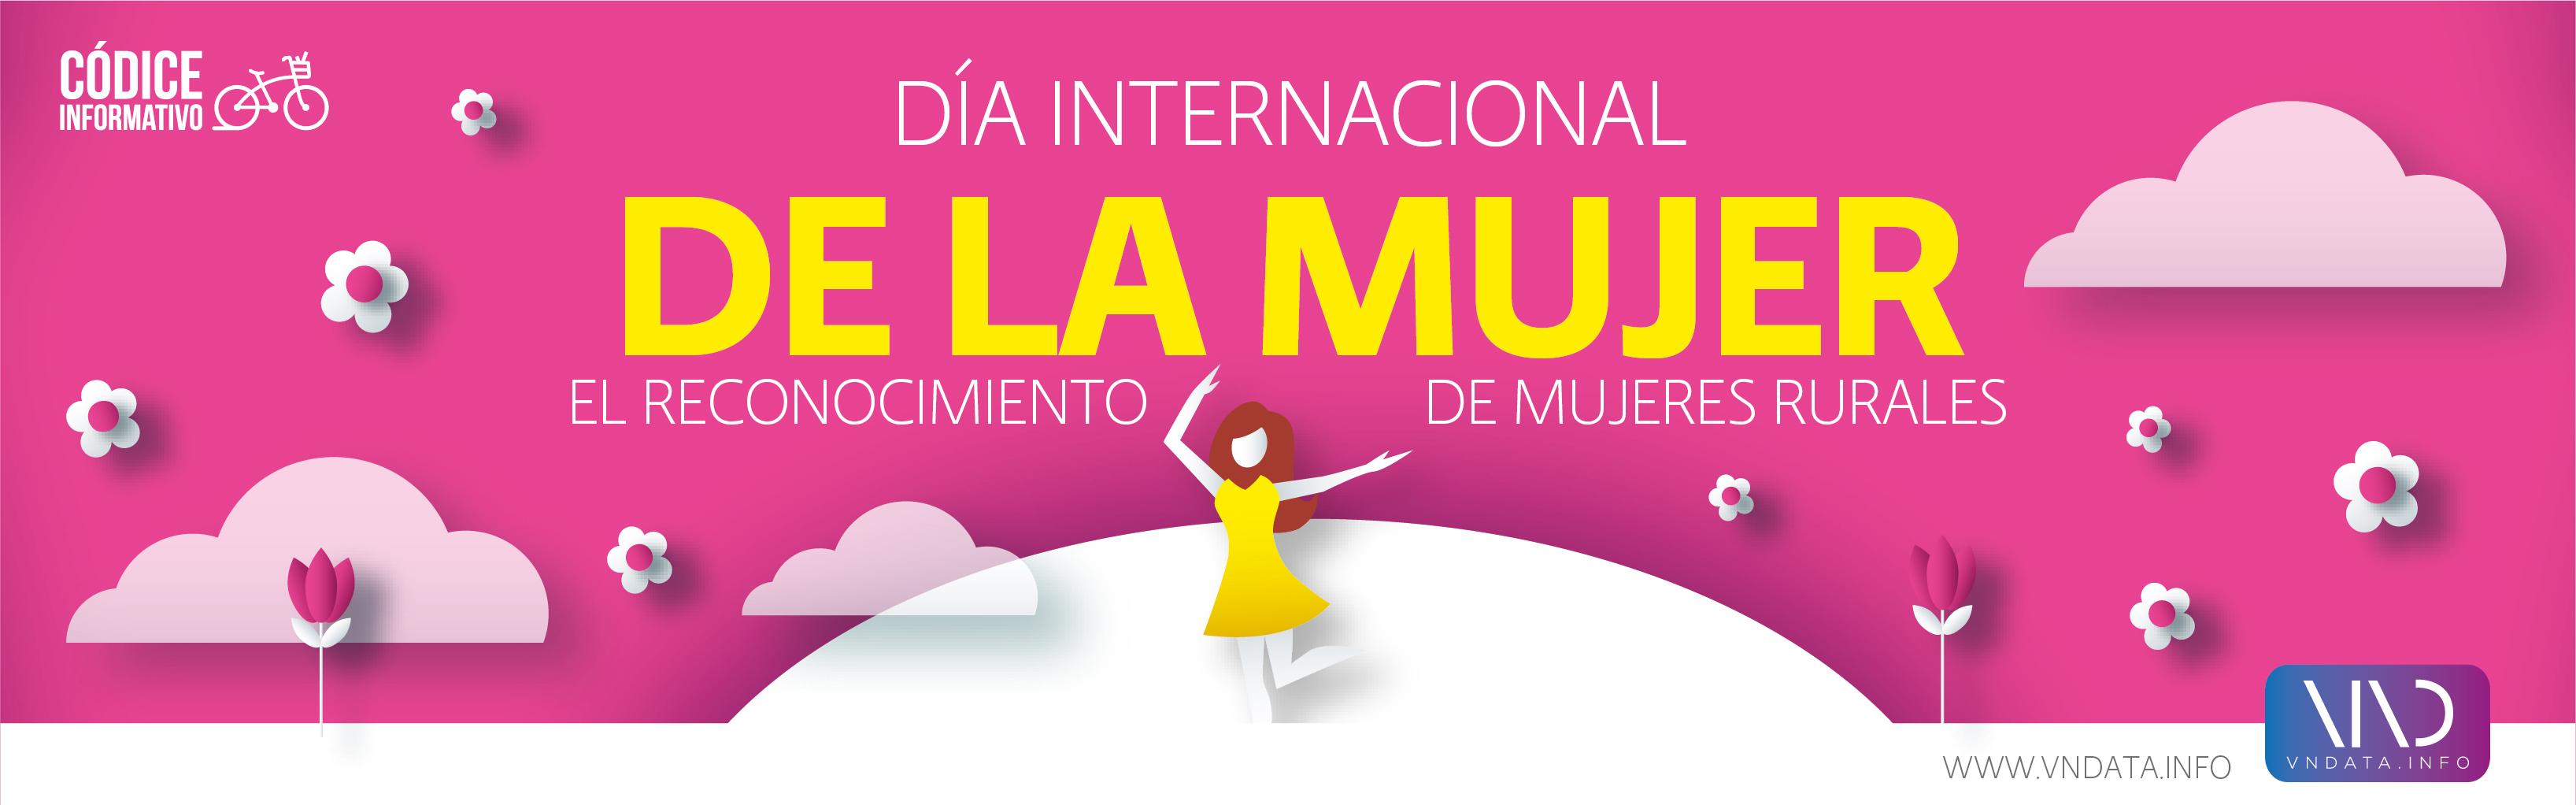 DA�a internacional de la mujer: El reconocimiento de mujeres rurales